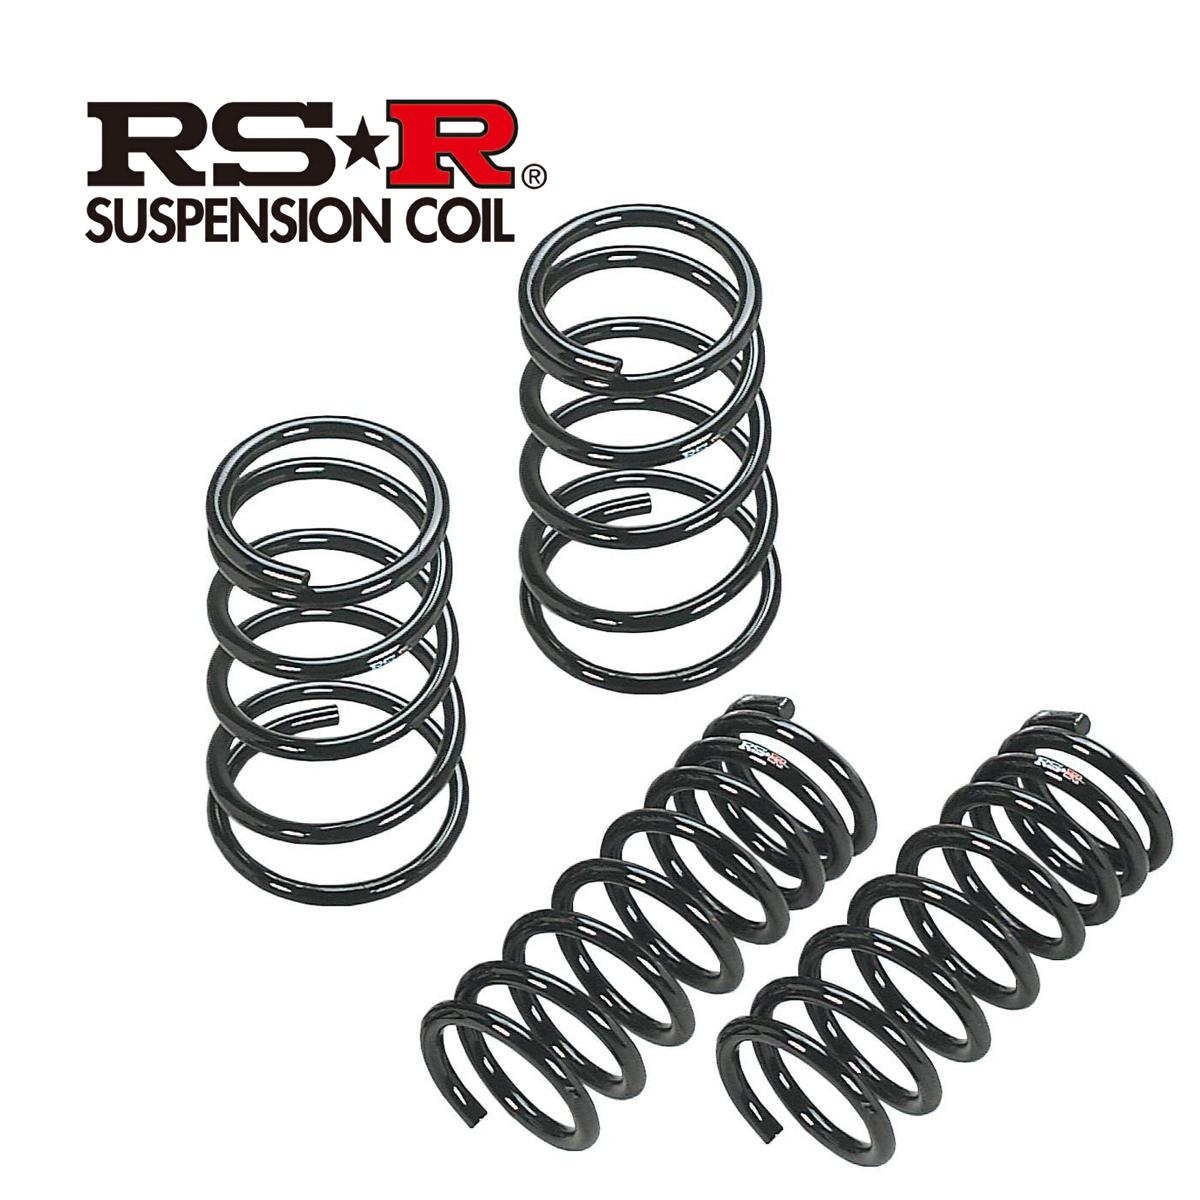 RS-R ステップワゴン スパーダ Z クールスピリット RK5 ダウンサス スプリング フロント H720WF RSR 個人宅発送追金有